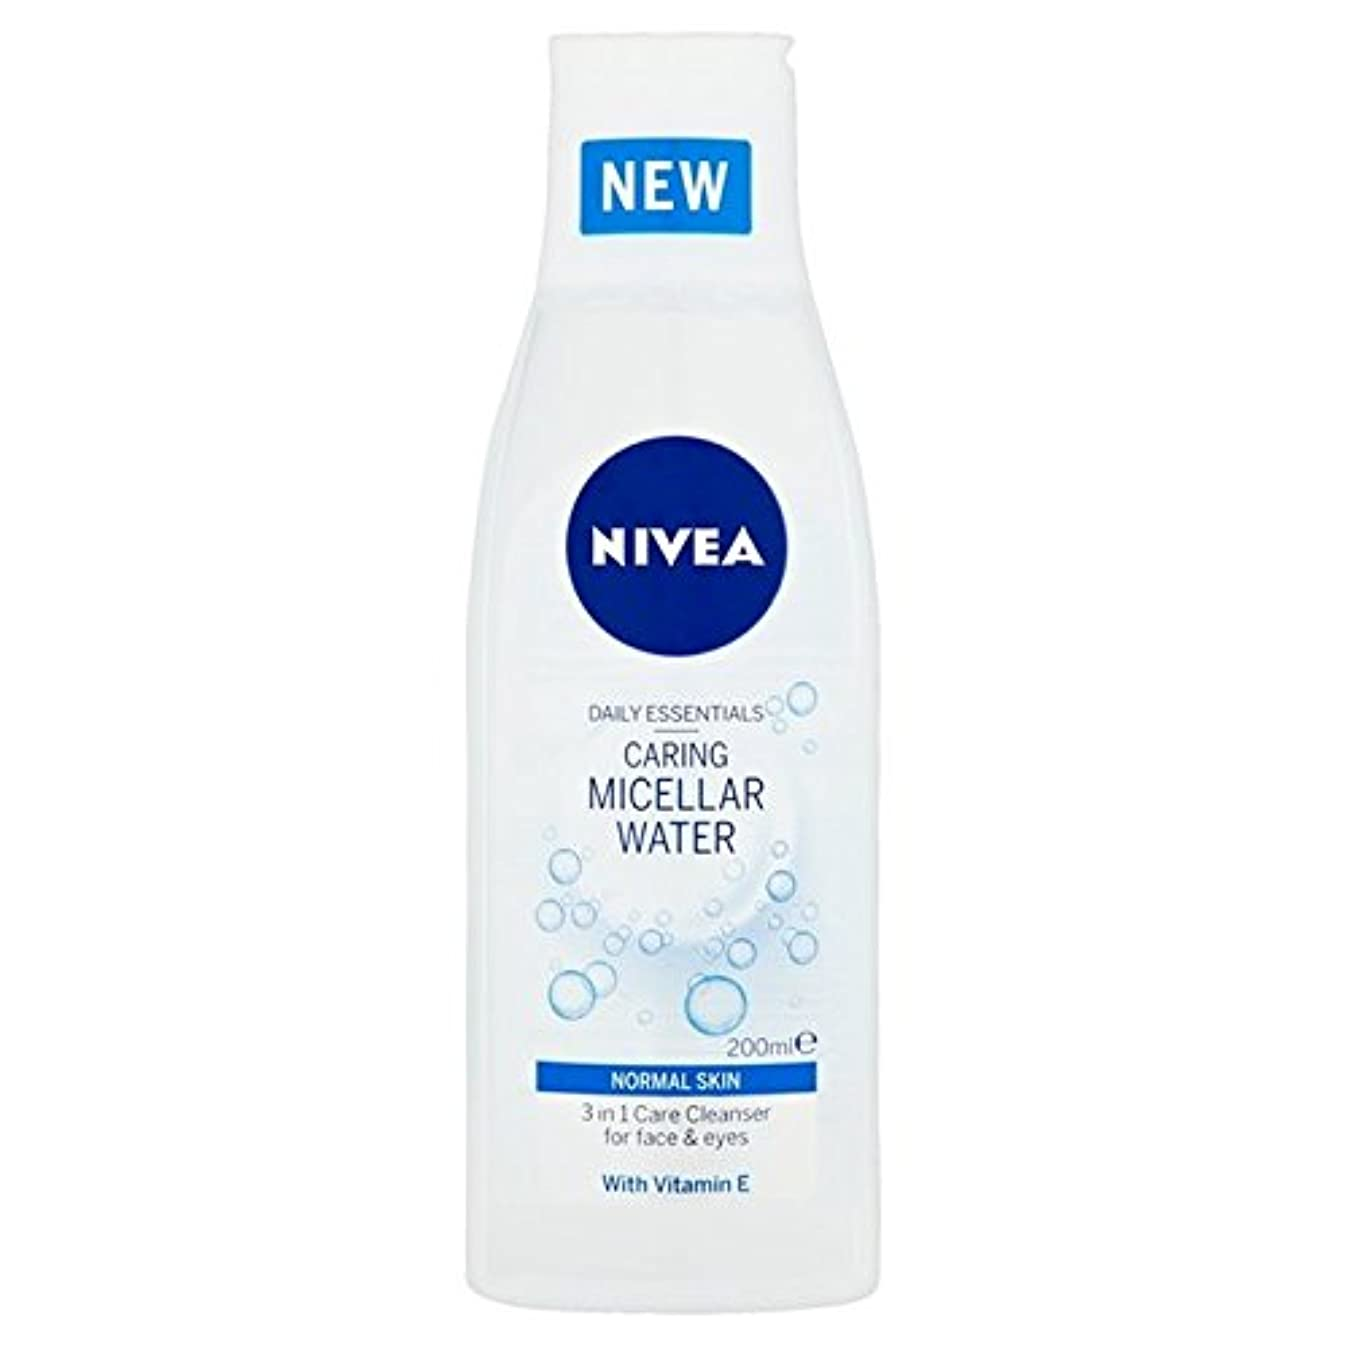 変更可能困惑した山岳Nivea 3 in 1 Sensitive Caring Micellar Water Normal Skin 200ml (Pack of 6) - 1つの敏感な思いやりのあるミセル水の正常な皮膚の200ミリリットル...